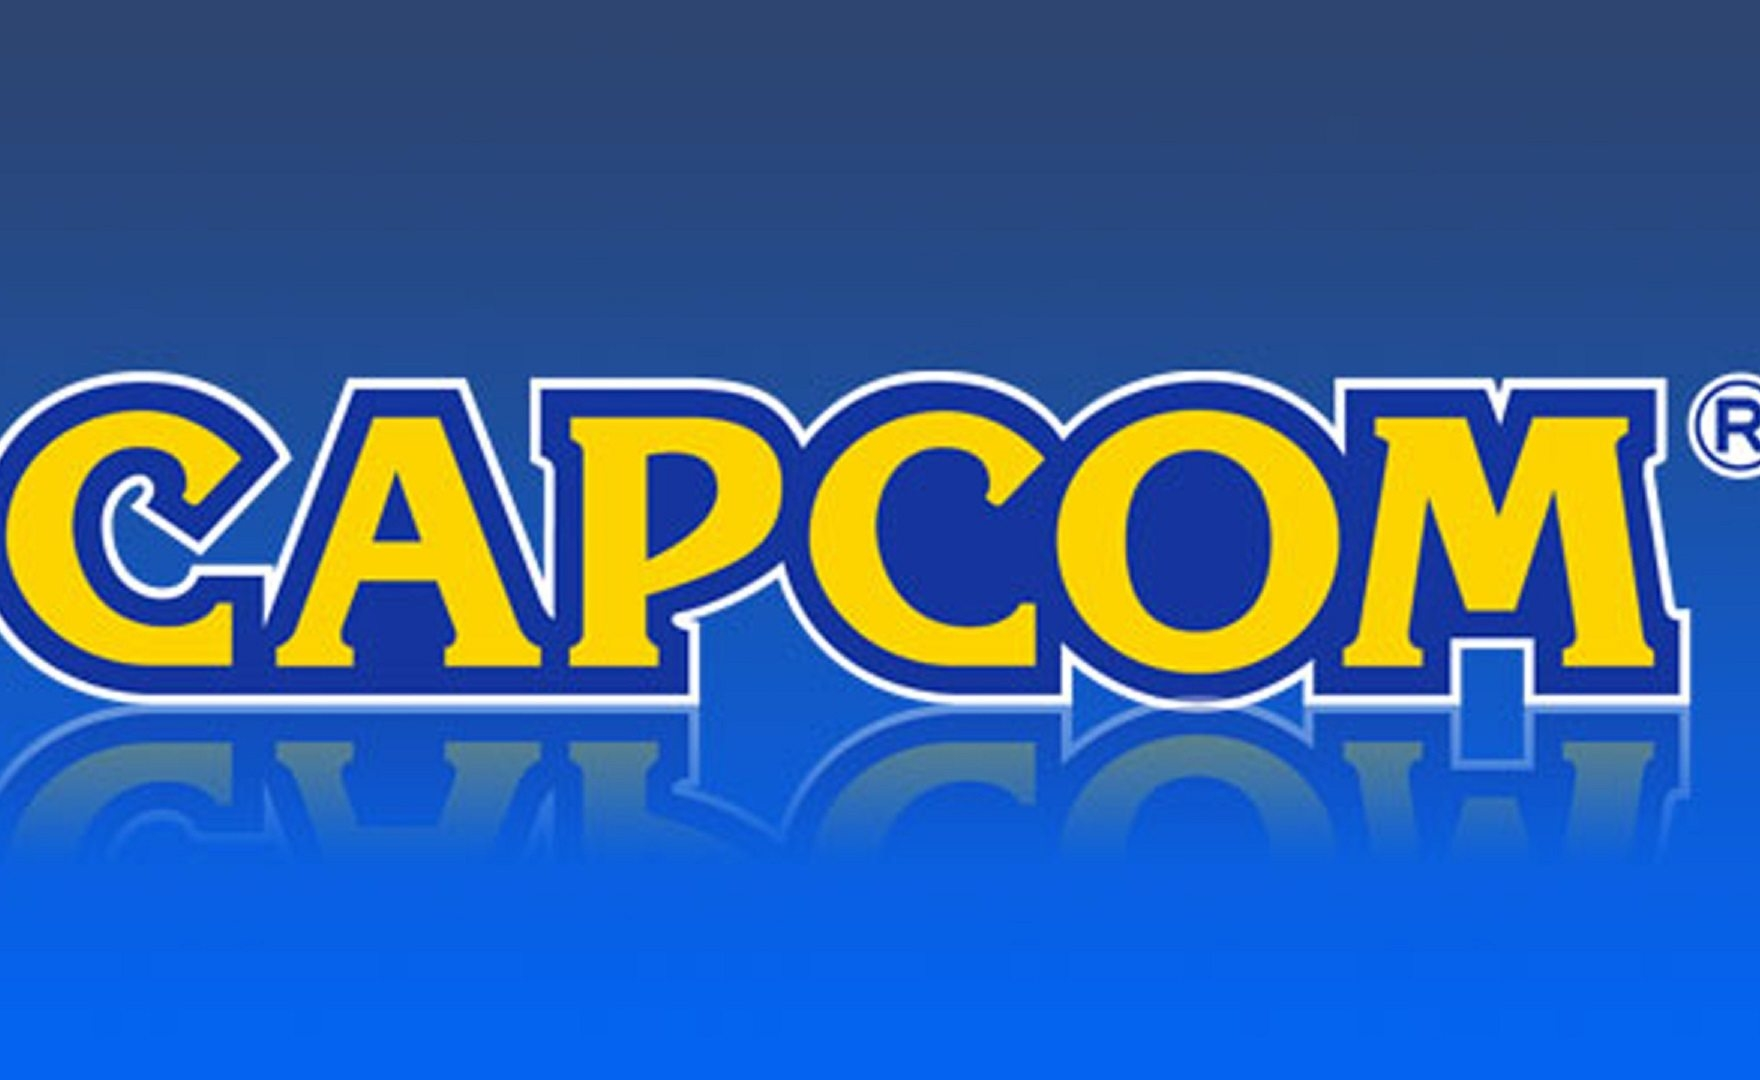 Capcom tornerà presto a sviluppare nuove IP